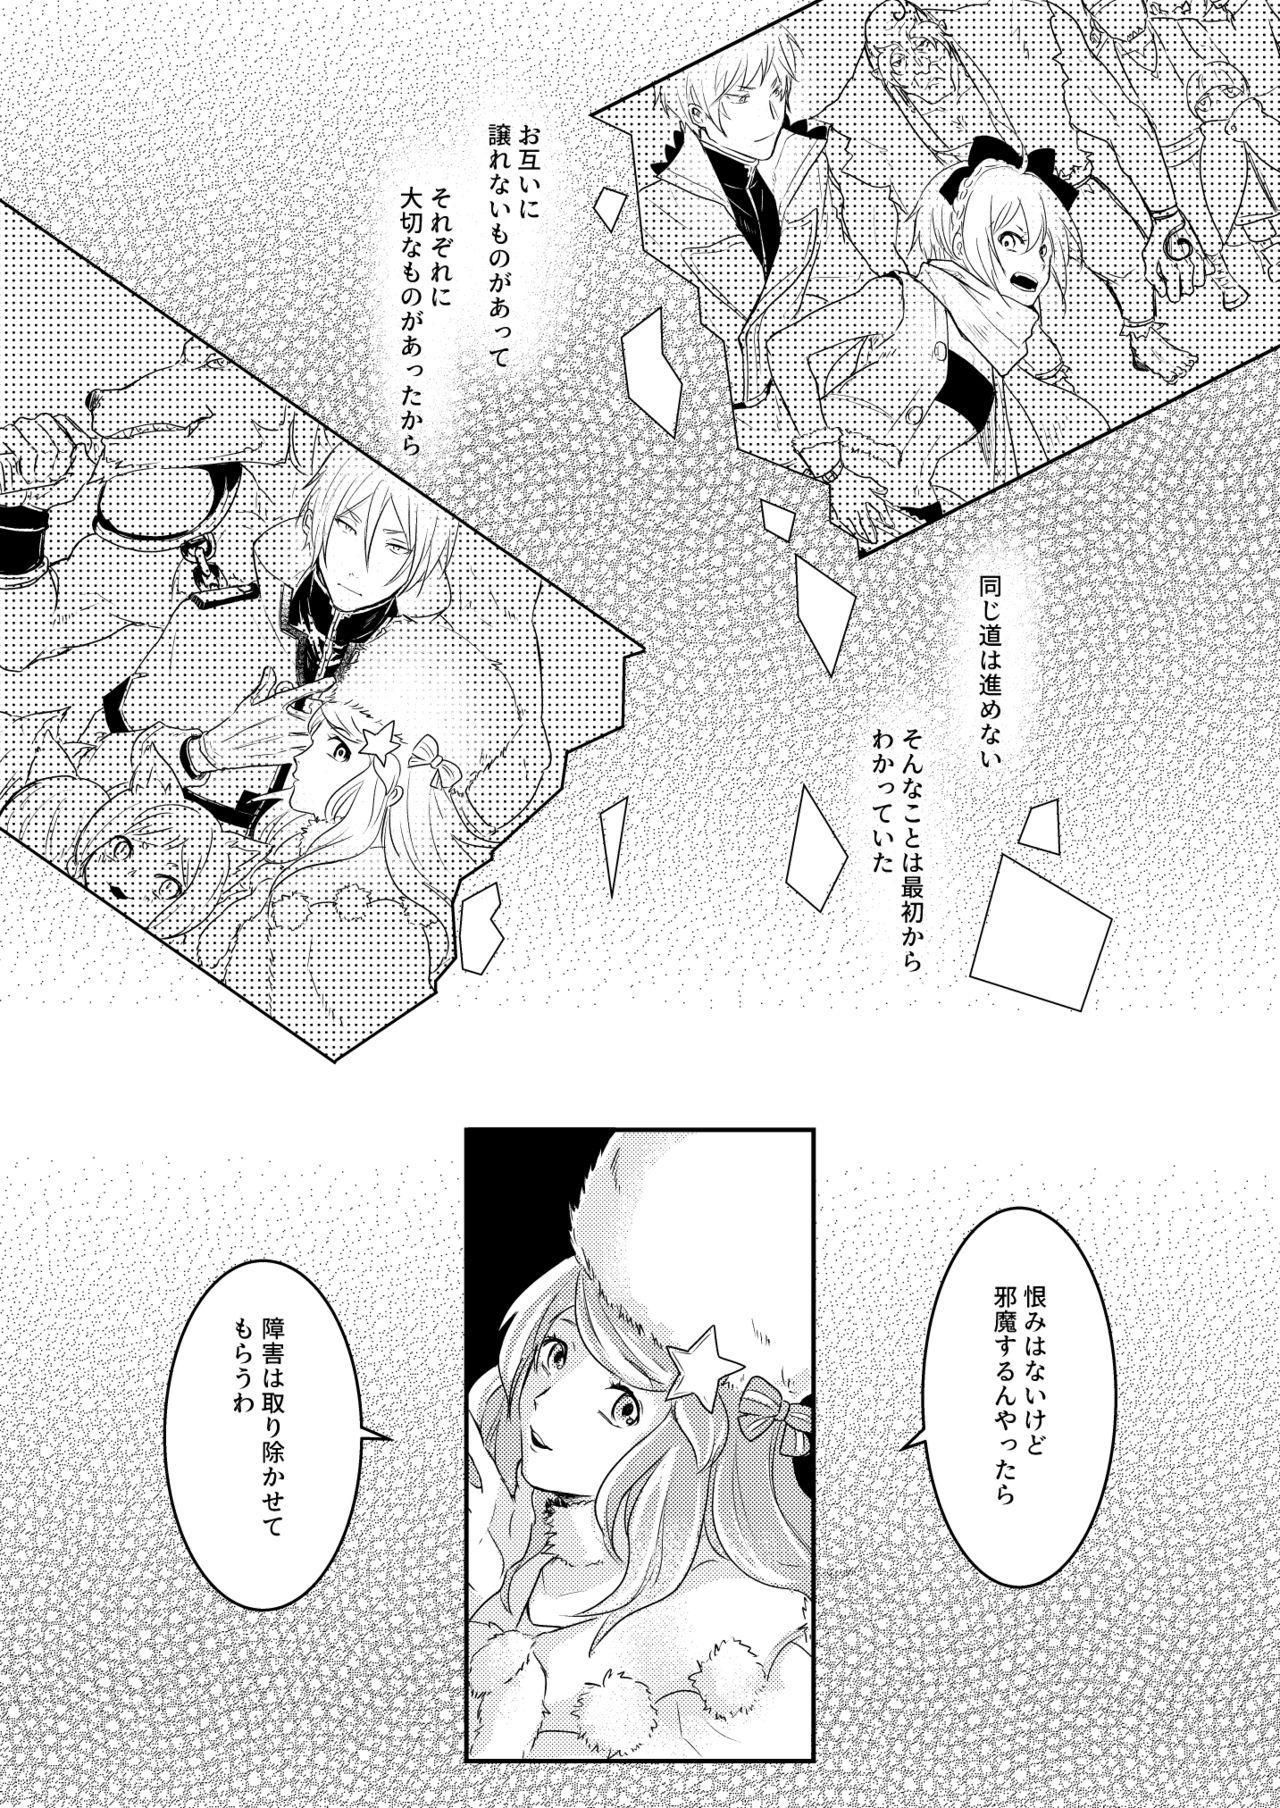 Sex Shinai to Modorenai 4